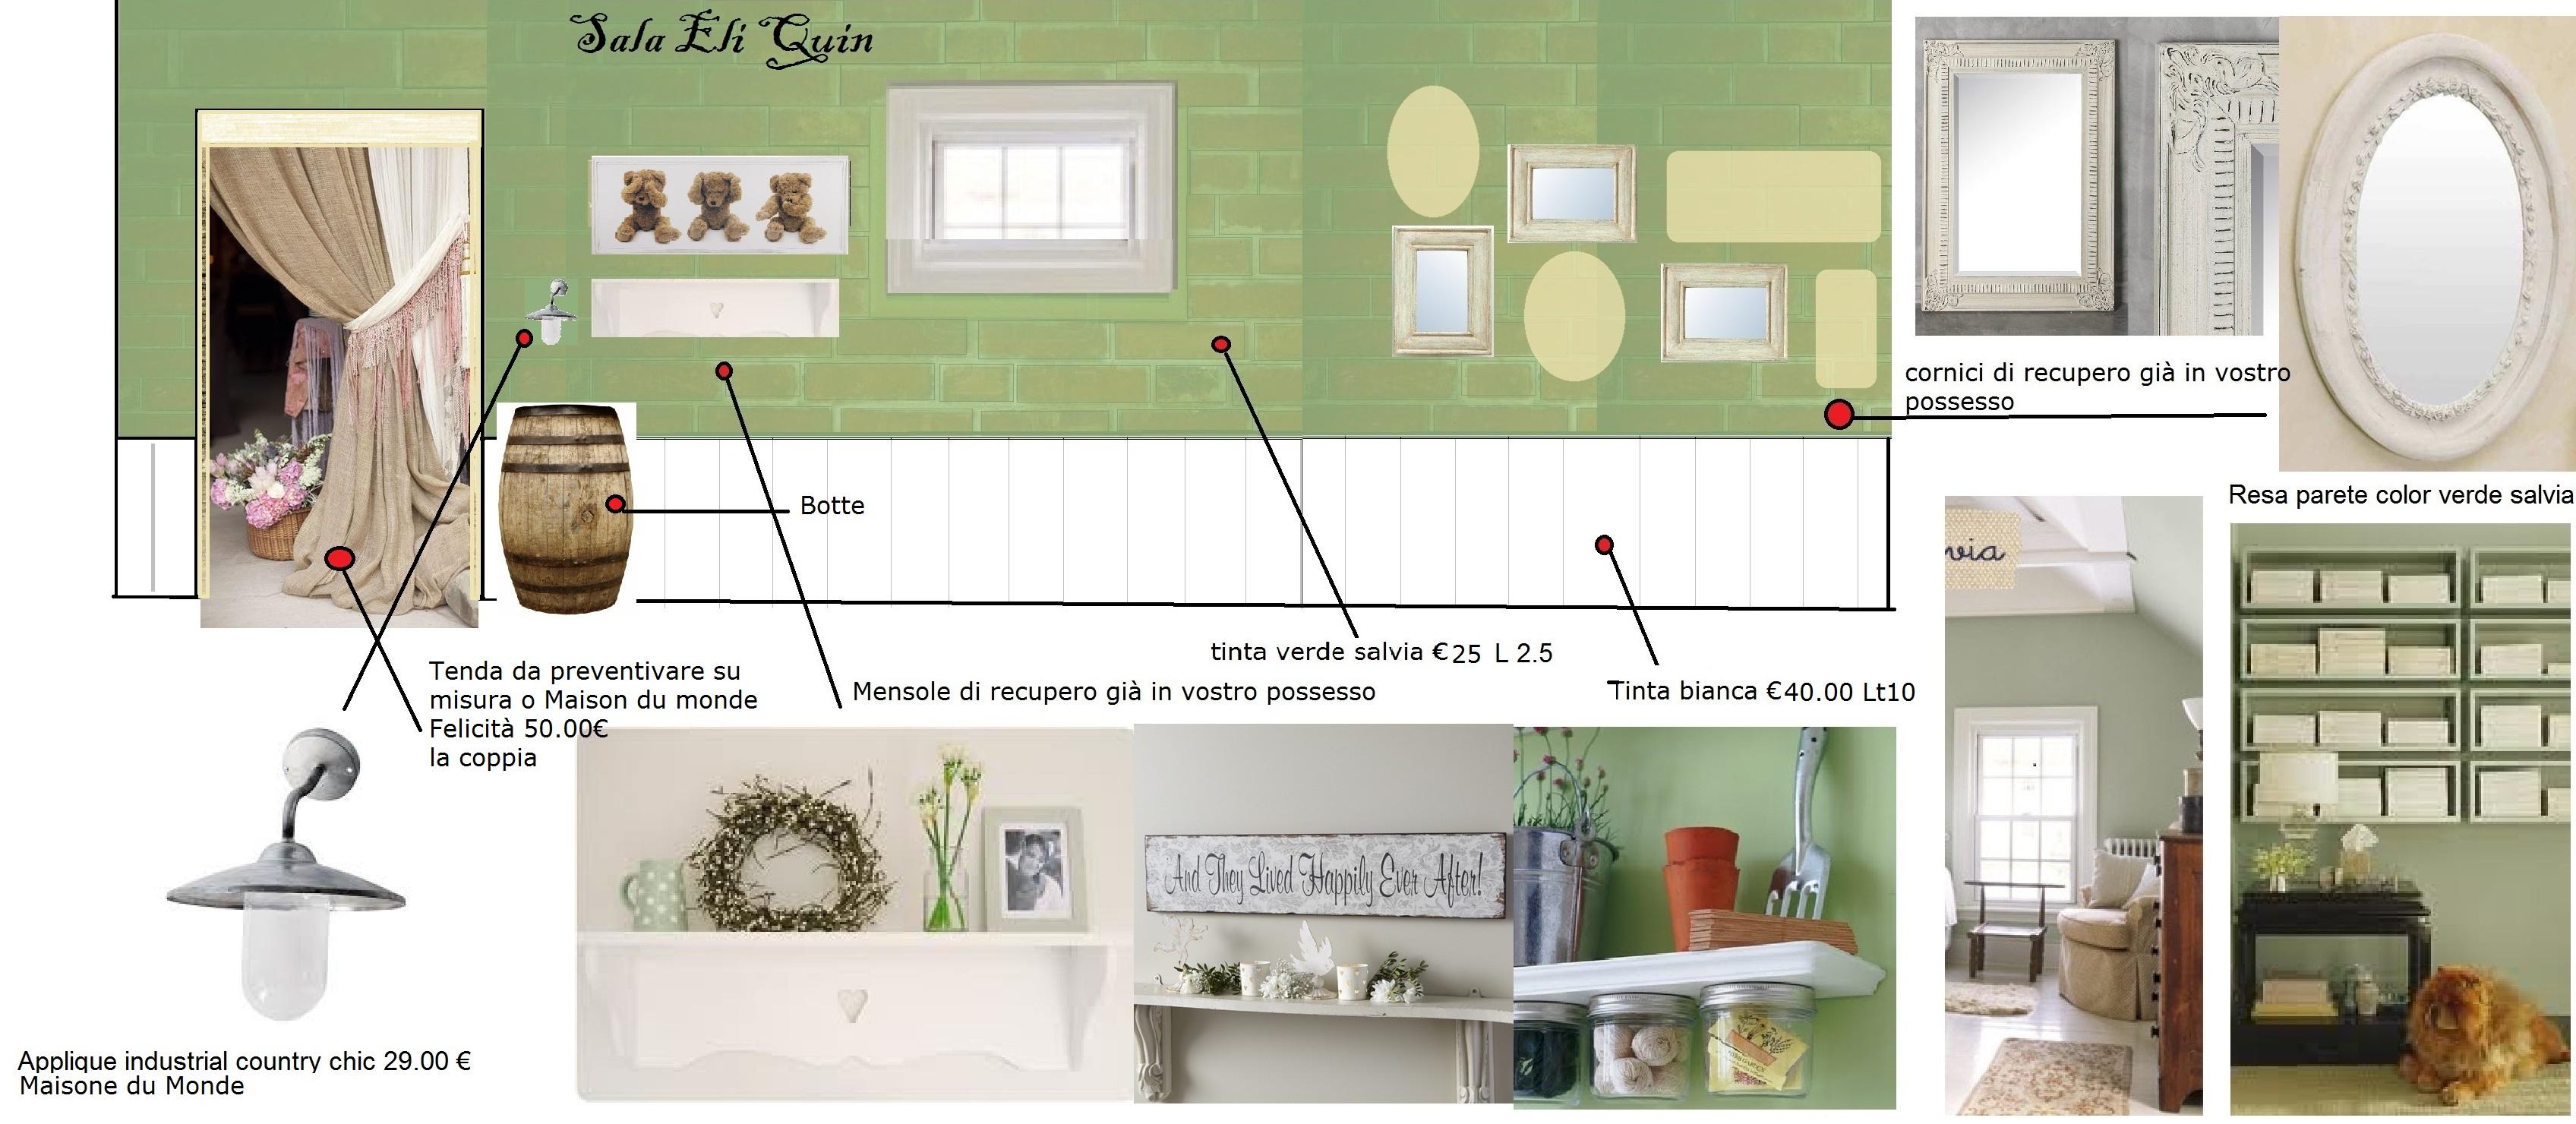 Cheap pittura pareti shabby chic nuova cucina con meno di - Pitture lavabili per cucine ...